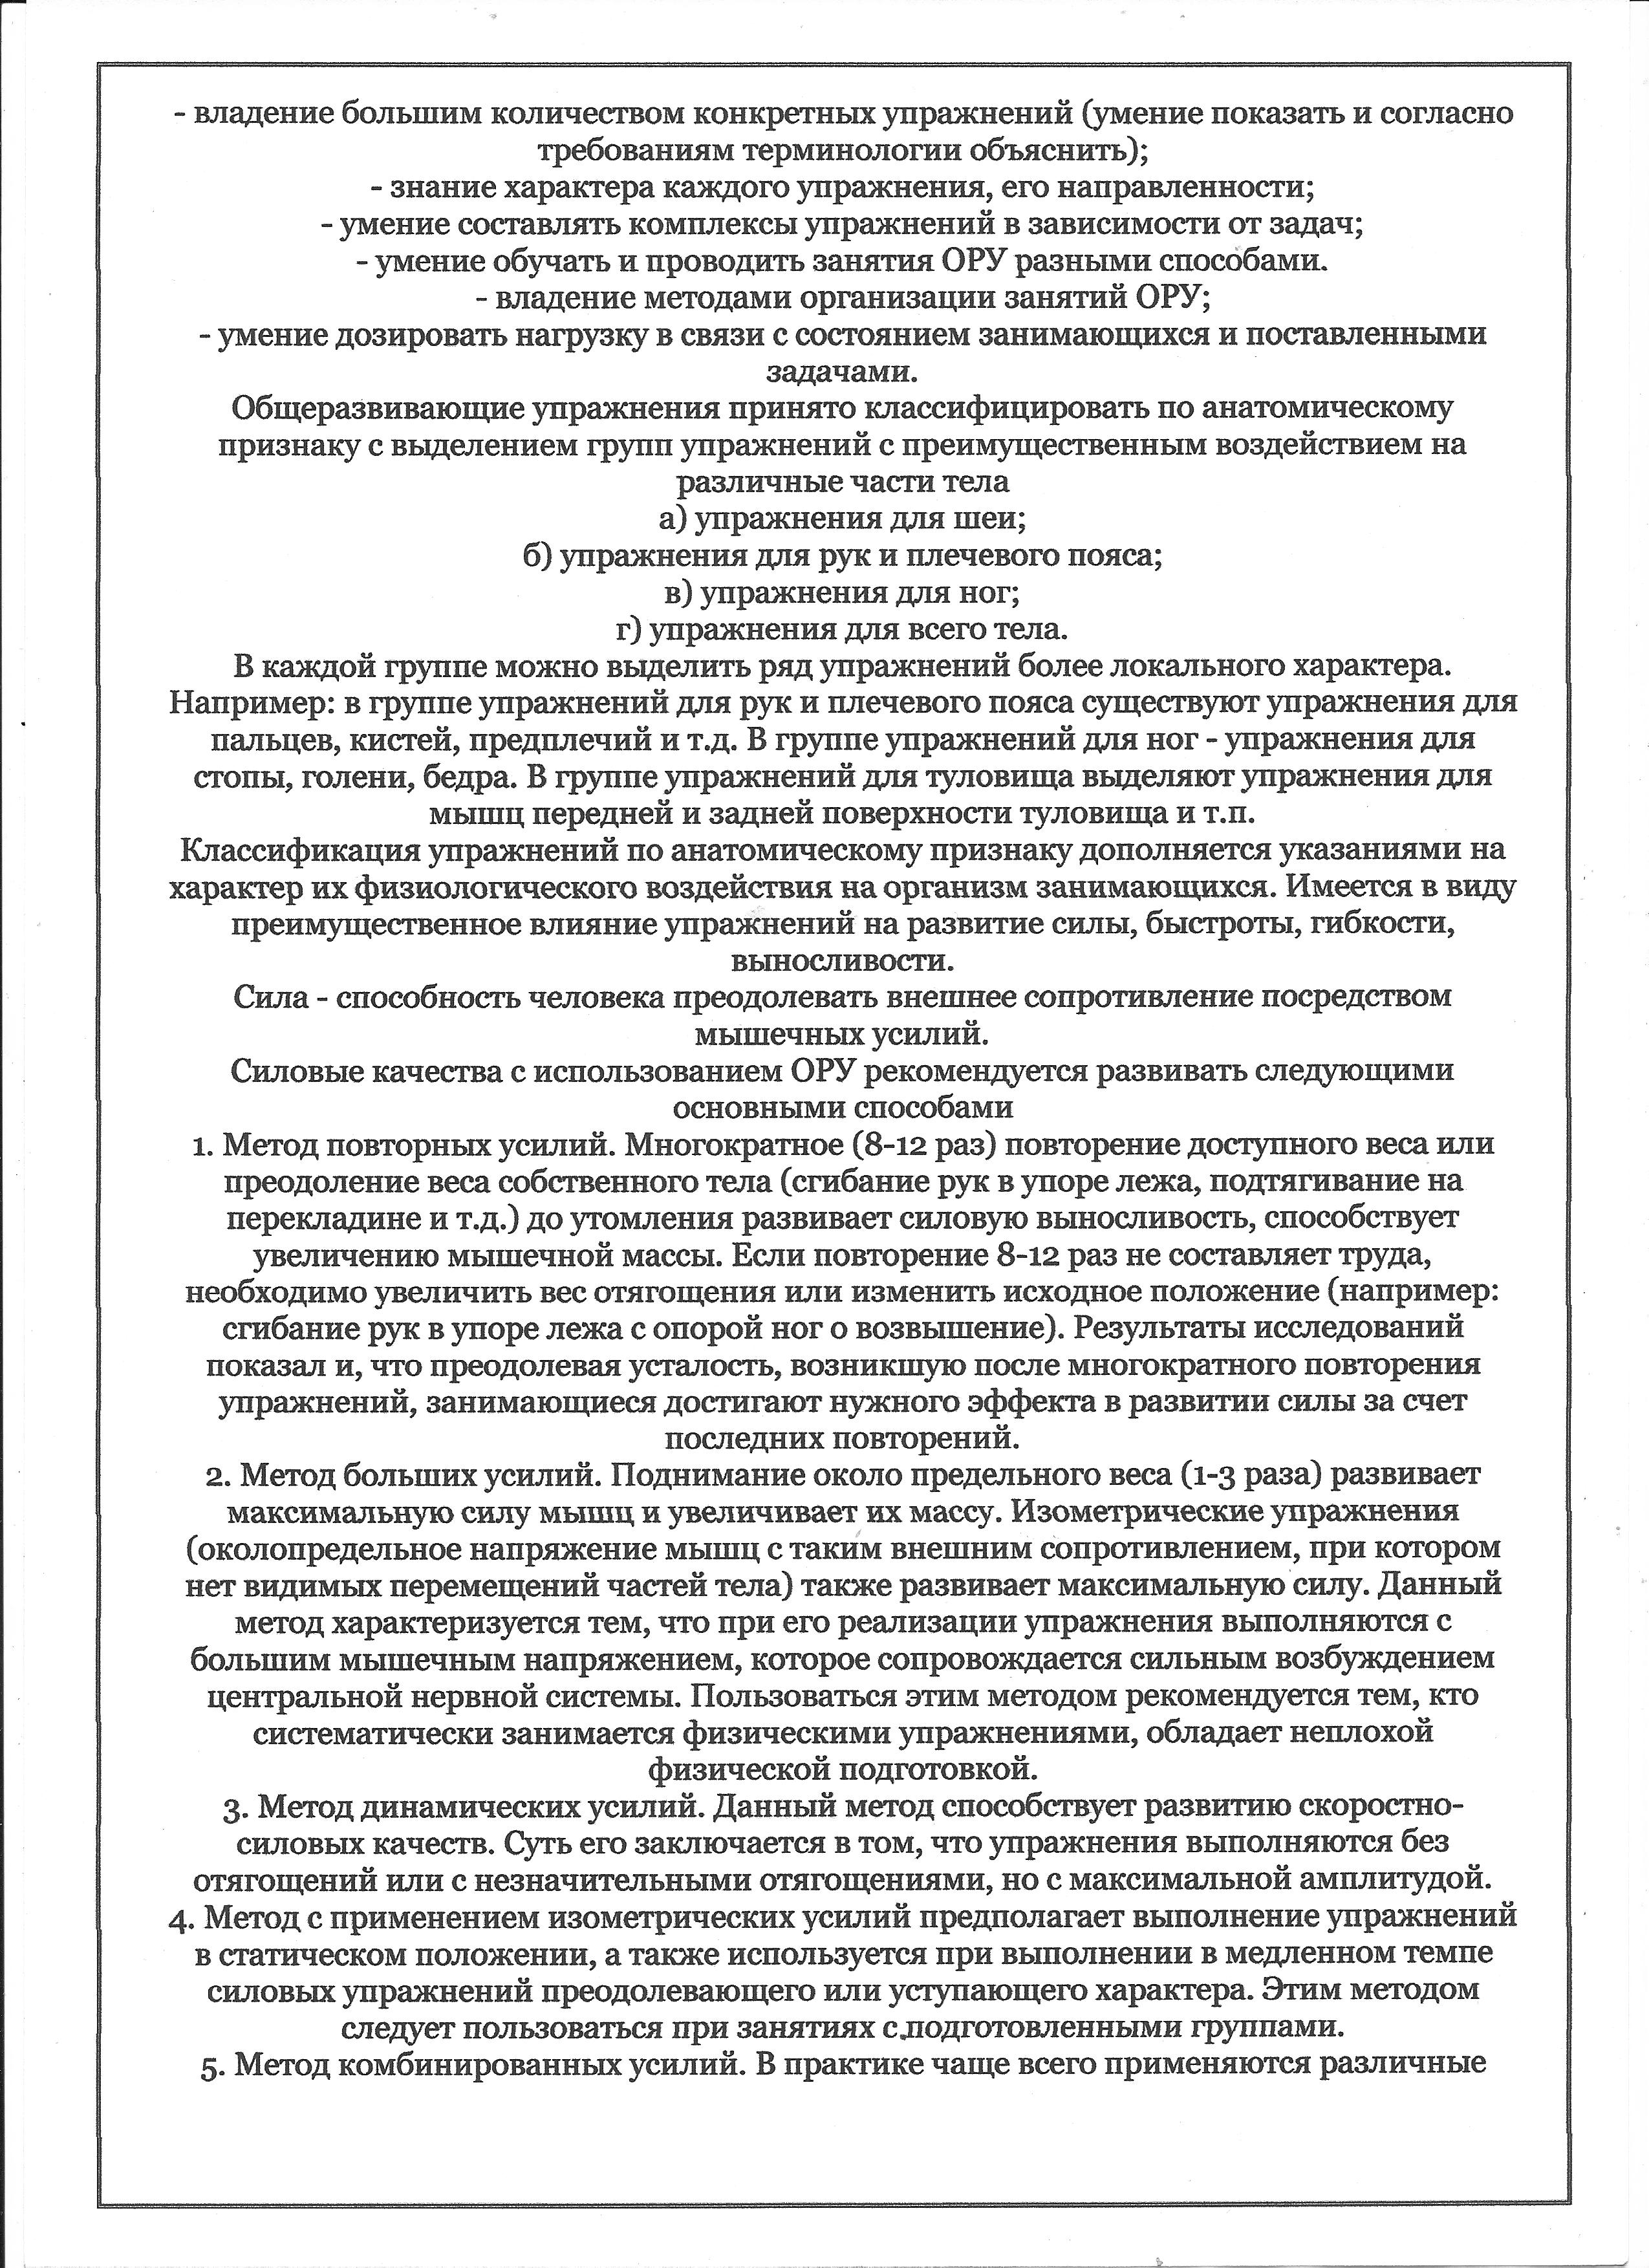 сканирование0007.bmp